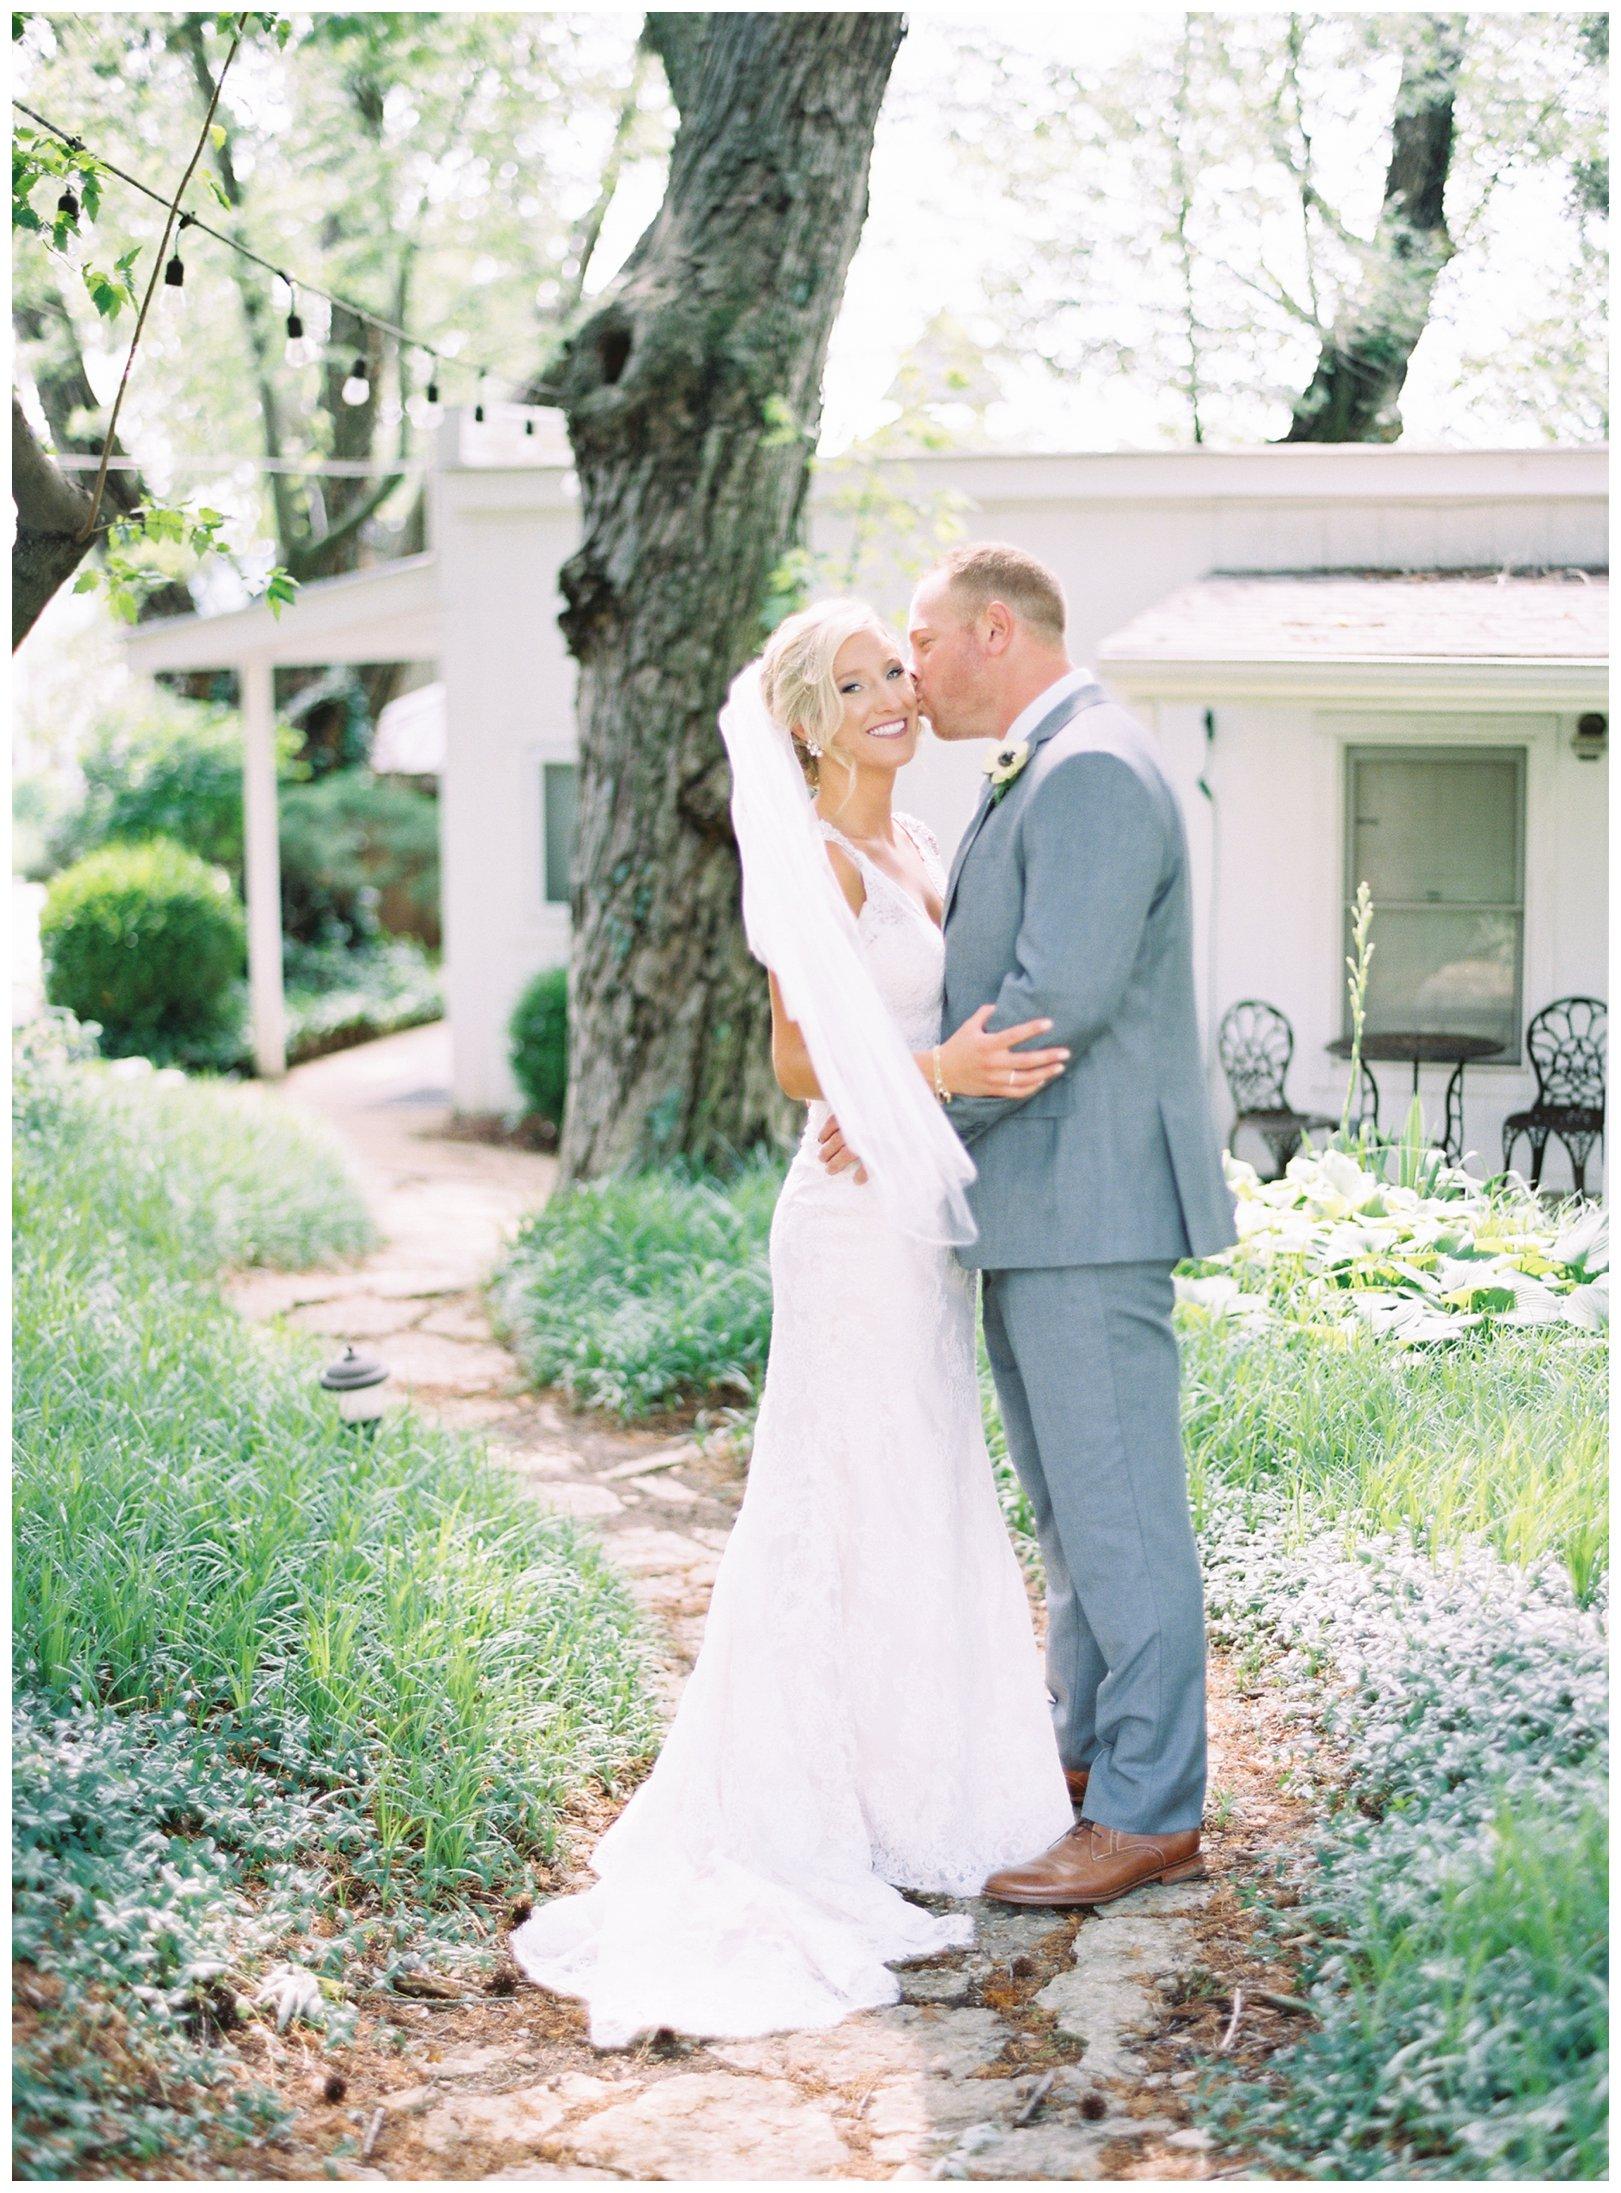 lauren muckler photography_fine art film wedding photography_st louis_photography_2372.jpg